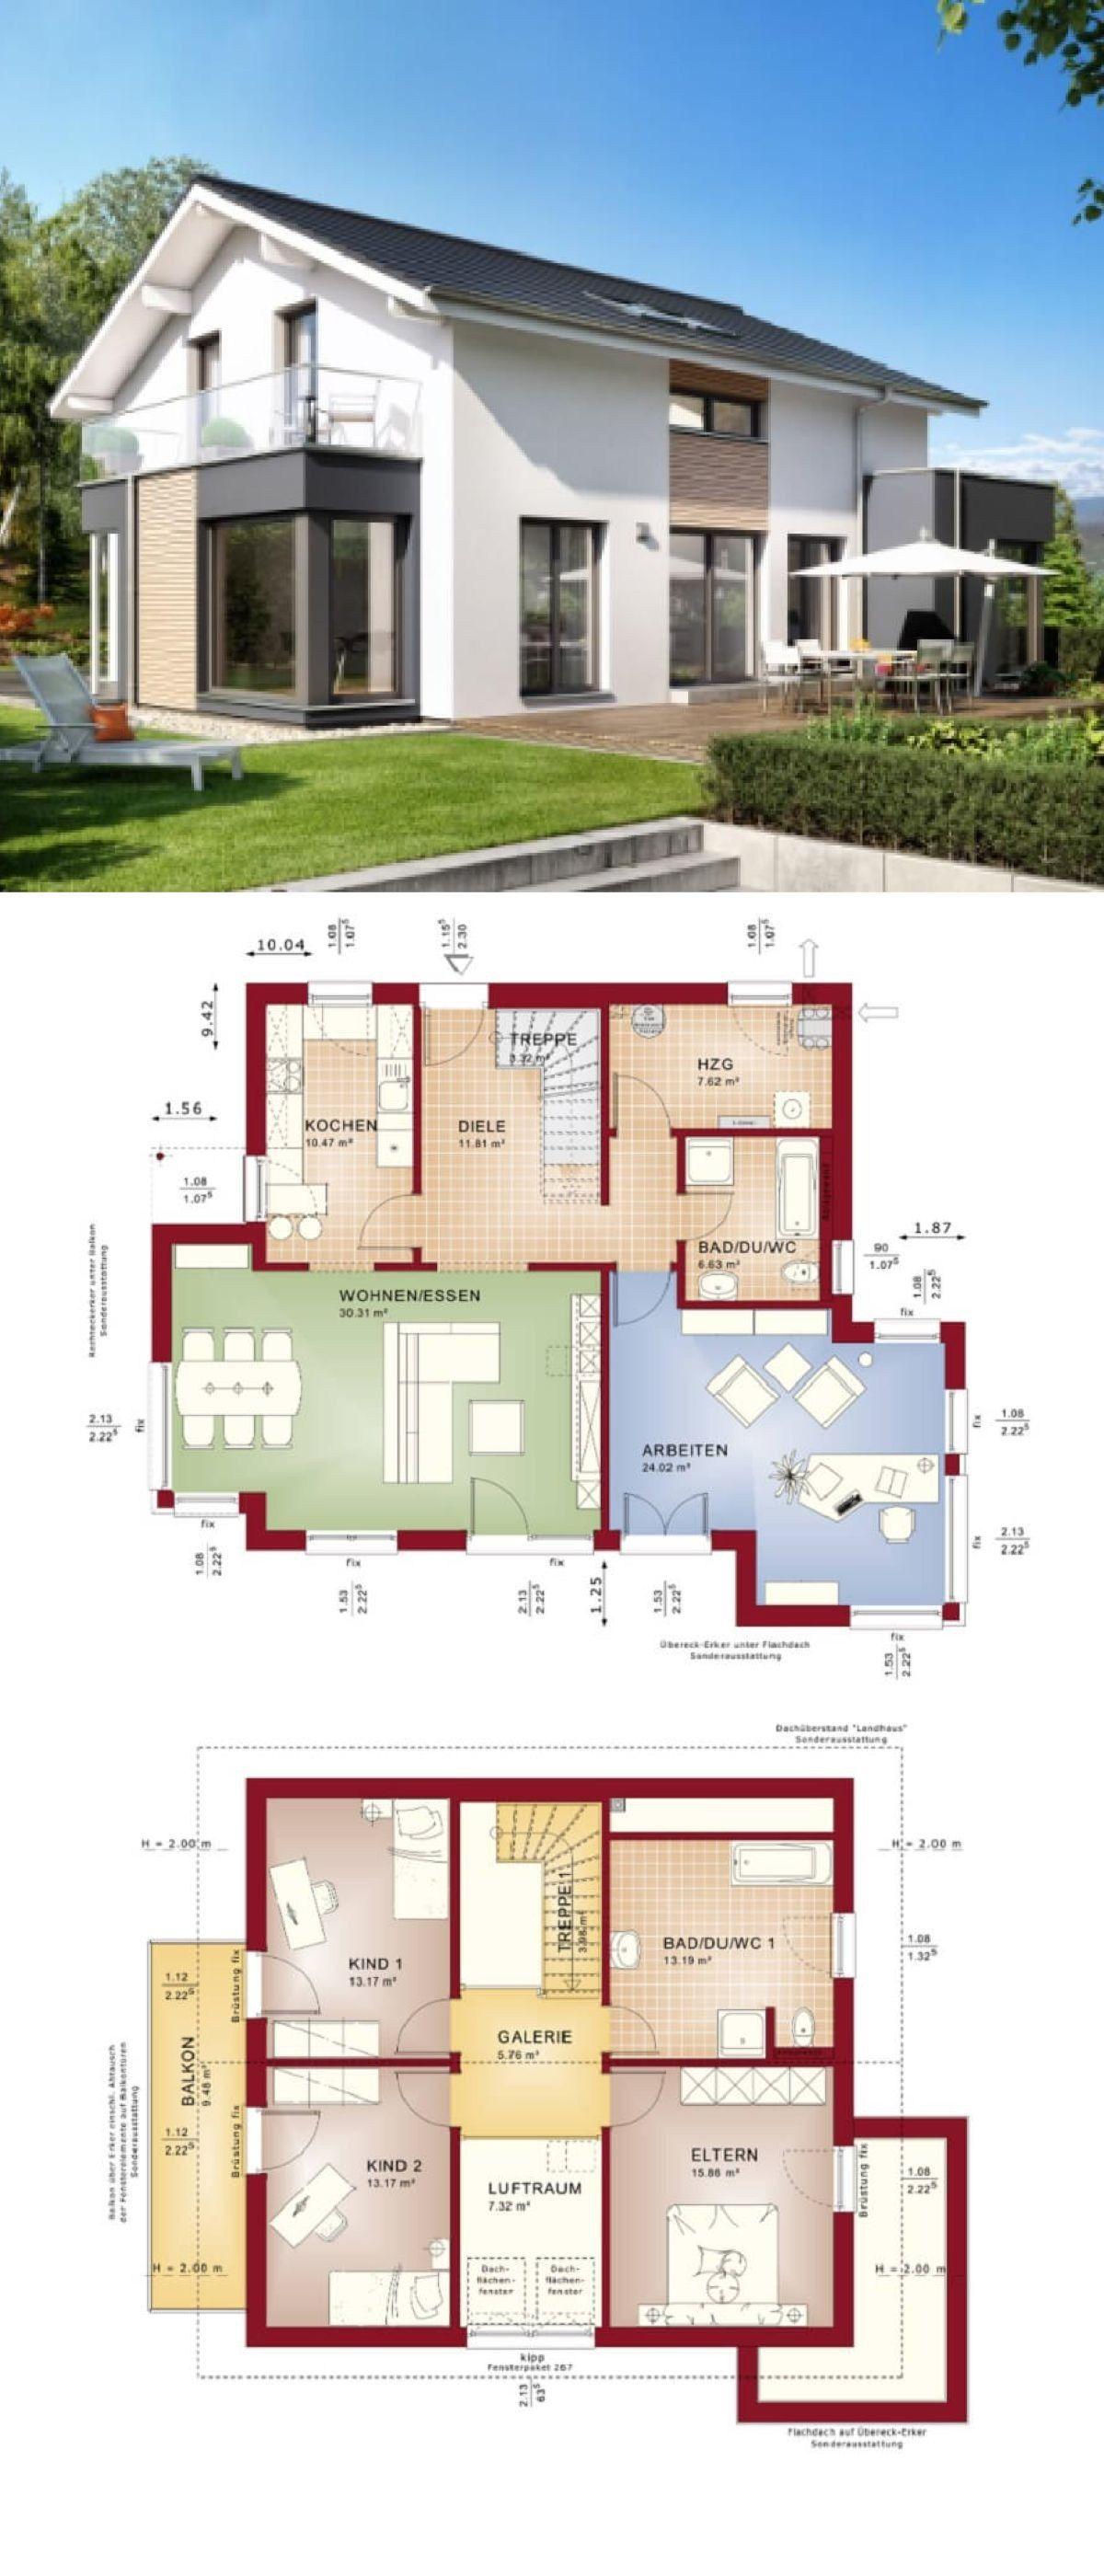 Küchenplan grundriss luxury bauernhaus modern grundriss  home decor ideas  pinterest